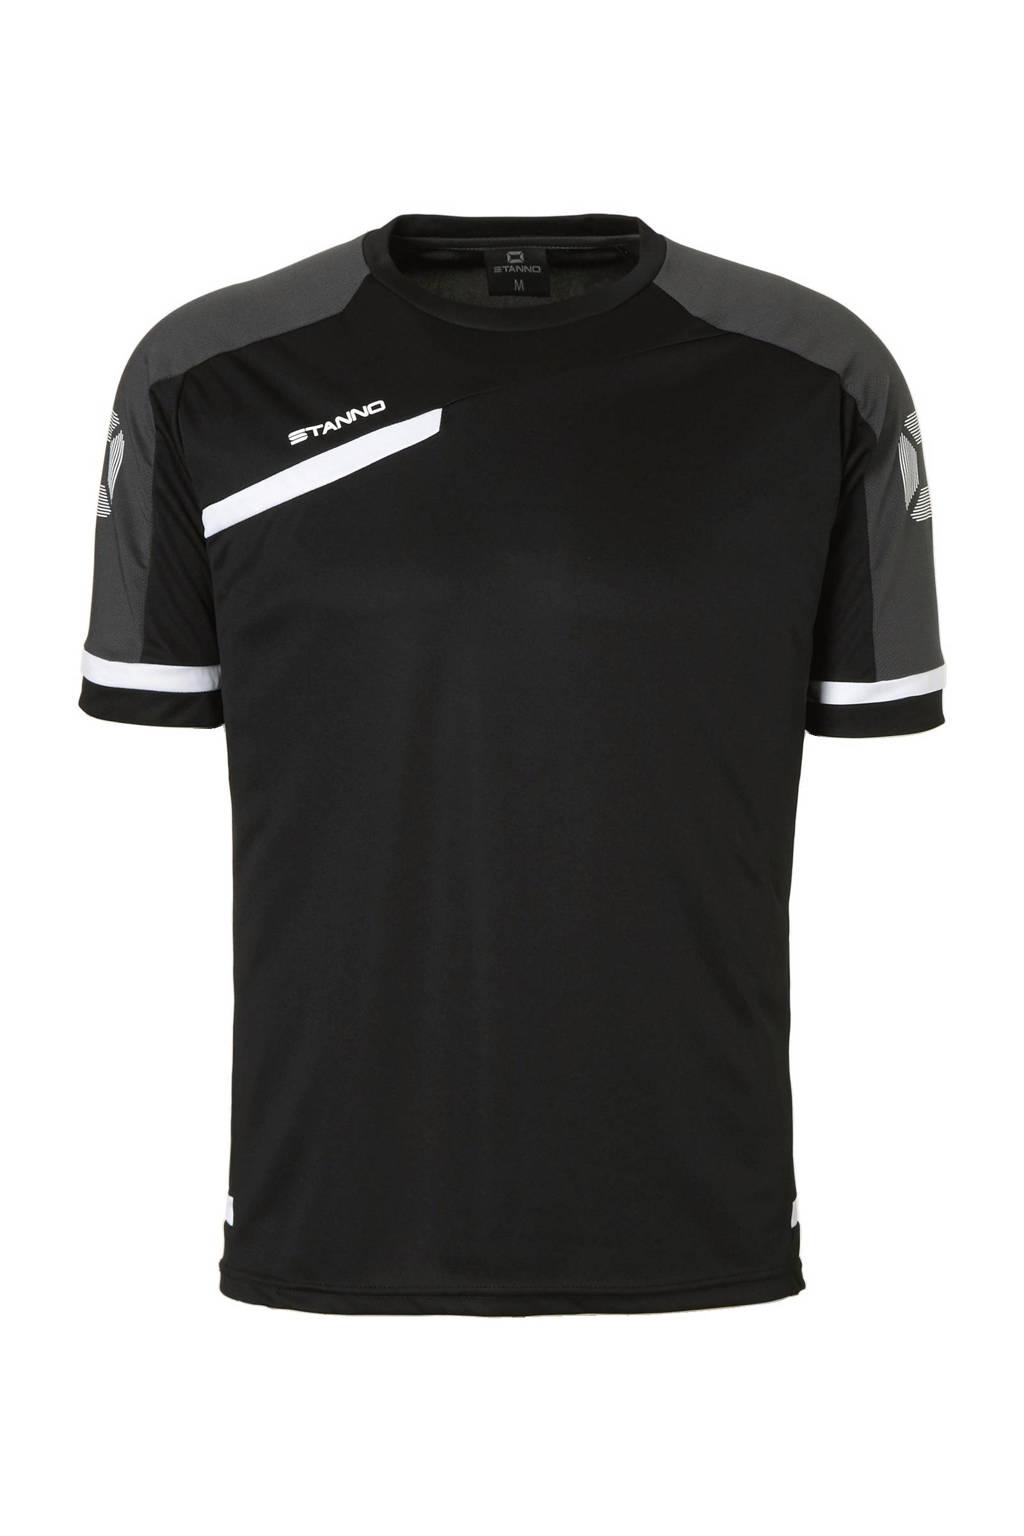 Stanno   sport T-shirt, Zwart/antraciet